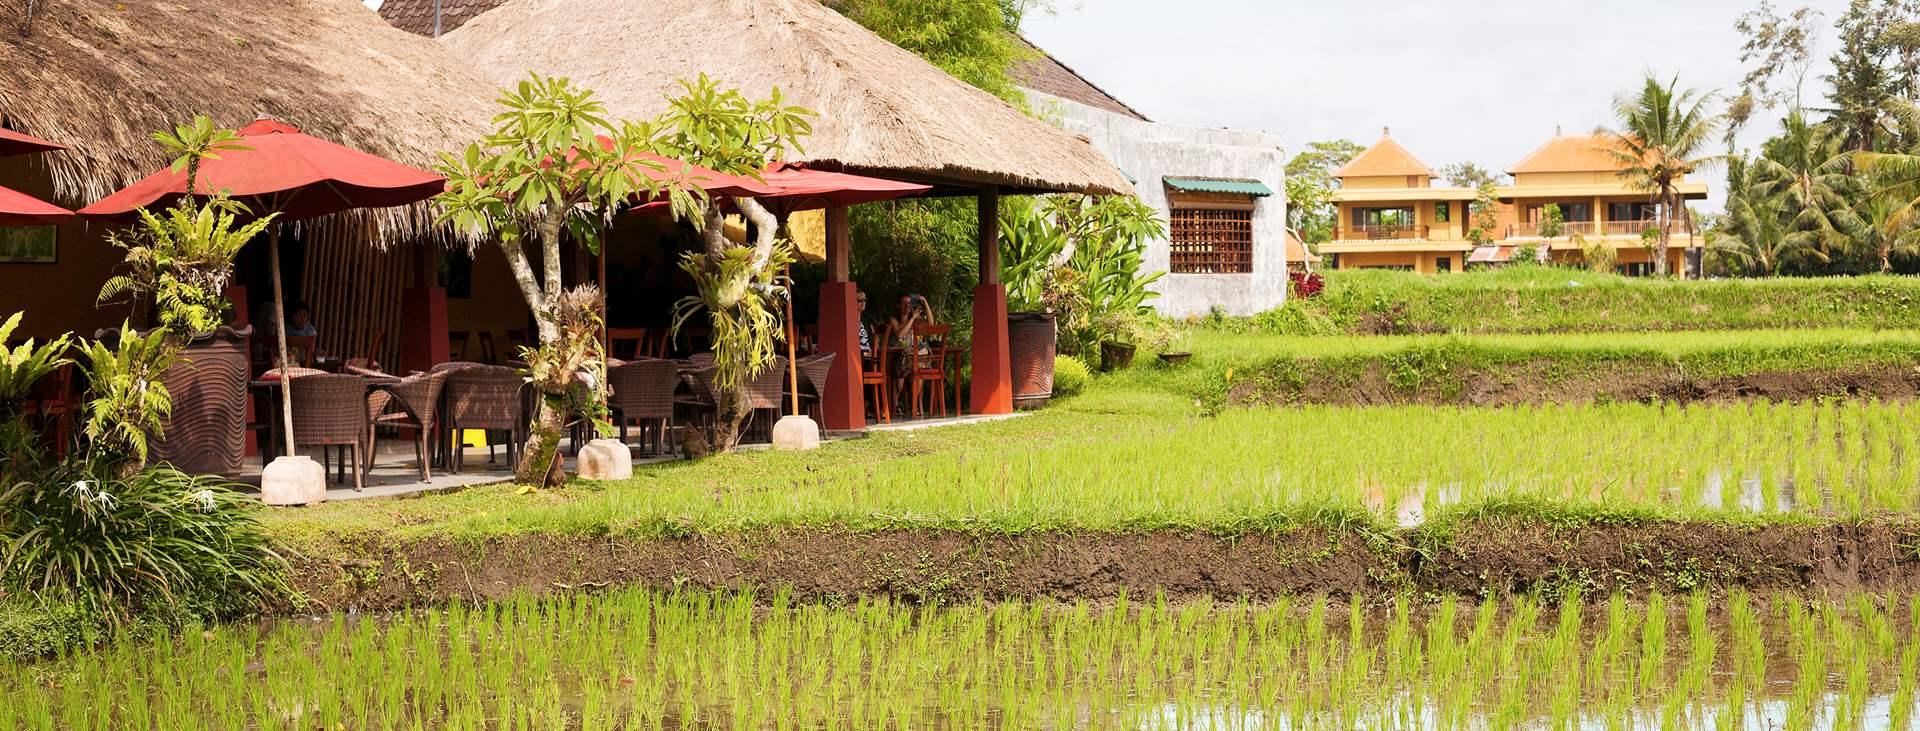 Reis med Ving til Ubud på Bali i Indonesia